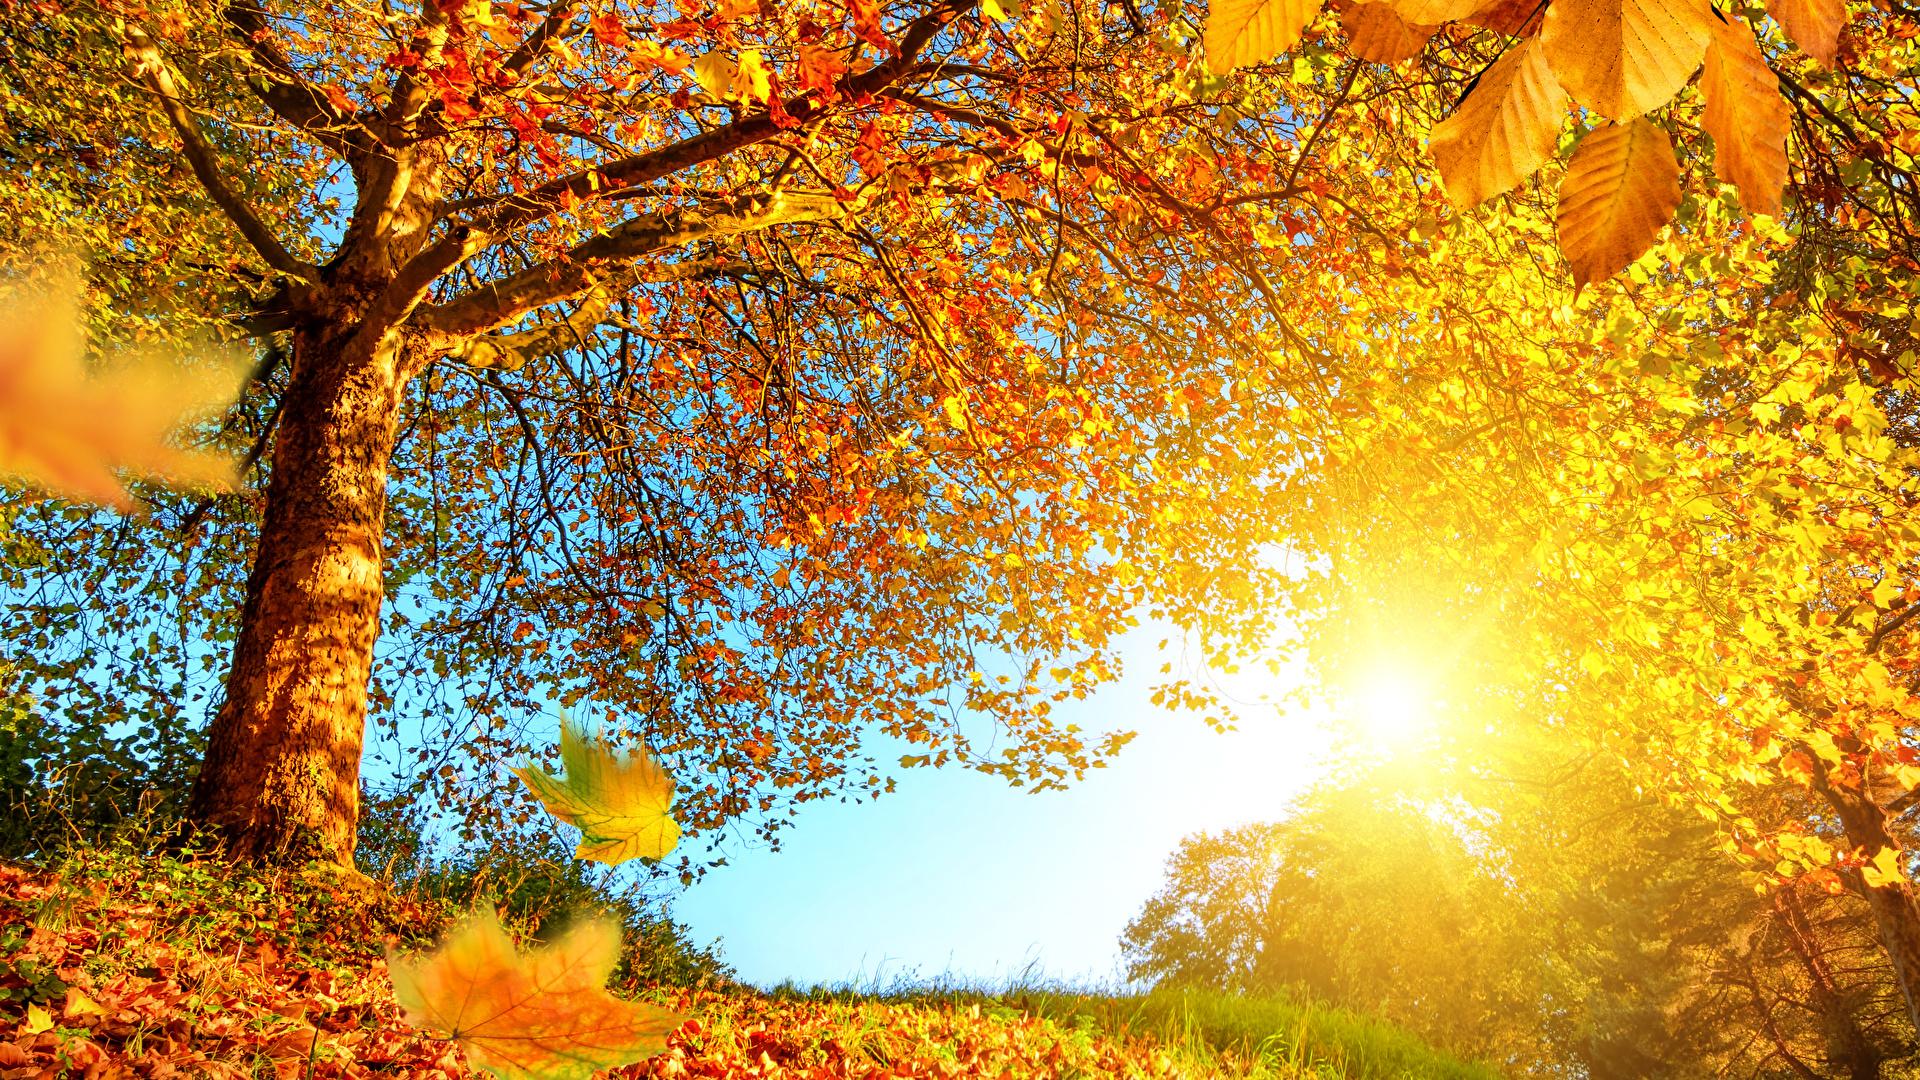 壁紙 19x1080 秋 木 木の葉 自然 ダウンロード 写真